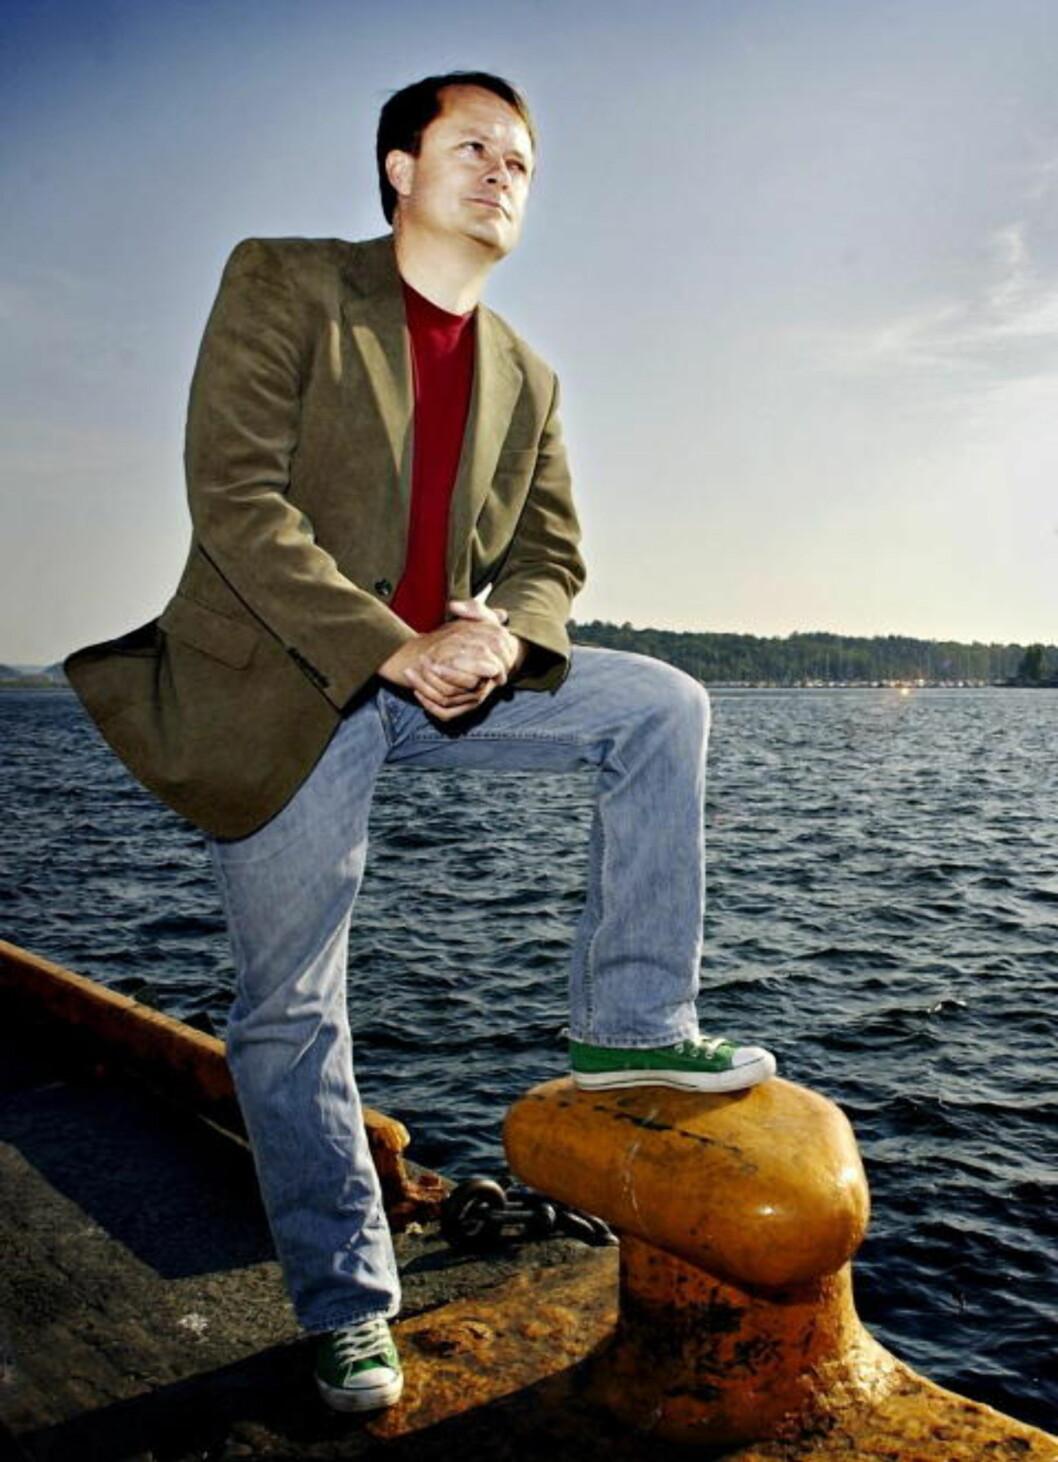 <strong>DYP SORG:</strong> Jan Harsem mistet kona si i Scandinavian Star-brannen. Han forteller at krimtenikernes innsats var viktig for de overlevende og etterlatte. Foto: John T. Pedersen/Dagbladet